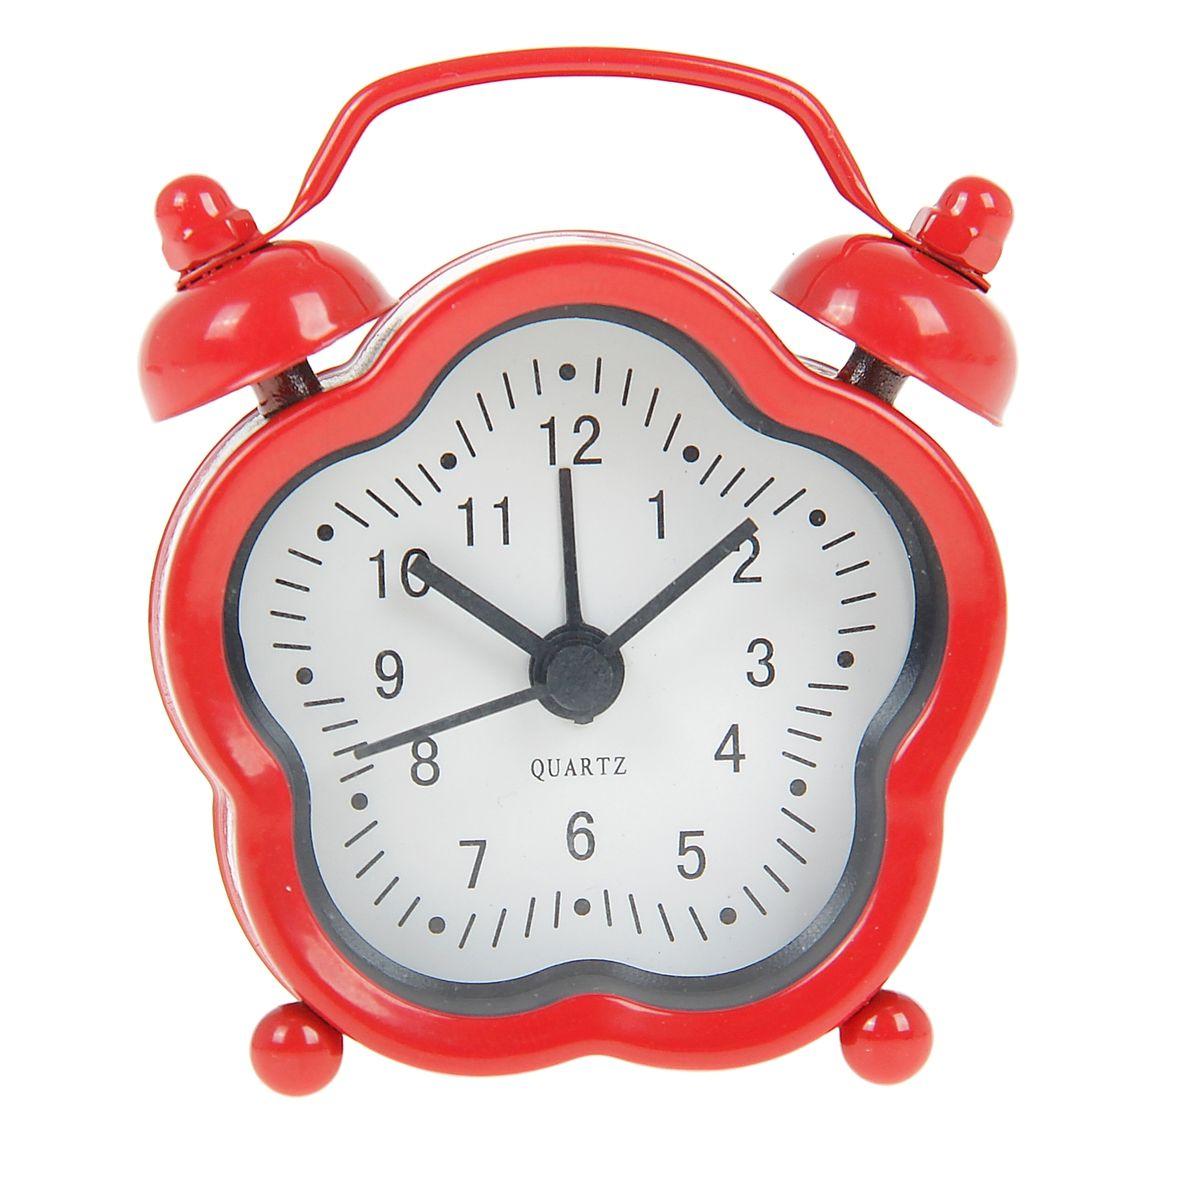 Часы-будильник Sima-land, цвет: красный. 840957840957Как же сложно иногда вставать вовремя! Всегда так хочется поспать еще хотя бы 5 минут и бывает, что мы просыпаем. Теперь этого не случится! Яркий, оригинальный будильник Sima-land поможет вам всегда вставать в нужное время и успевать везде и всюду. Будильник украсит вашу комнату и приведет в восхищение друзей. Эта уменьшенная версия привычного будильника умещается на ладони и работает так же громко, как и привычные аналоги. Время показывает точно и будит в установленный час. На задней панели будильника расположены переключатель включения/выключения механизма, а также два колесика для настройки текущего времени и времени звонка будильника. Будильник работает от 1 батарейки типа LR44 (входит в комплект).